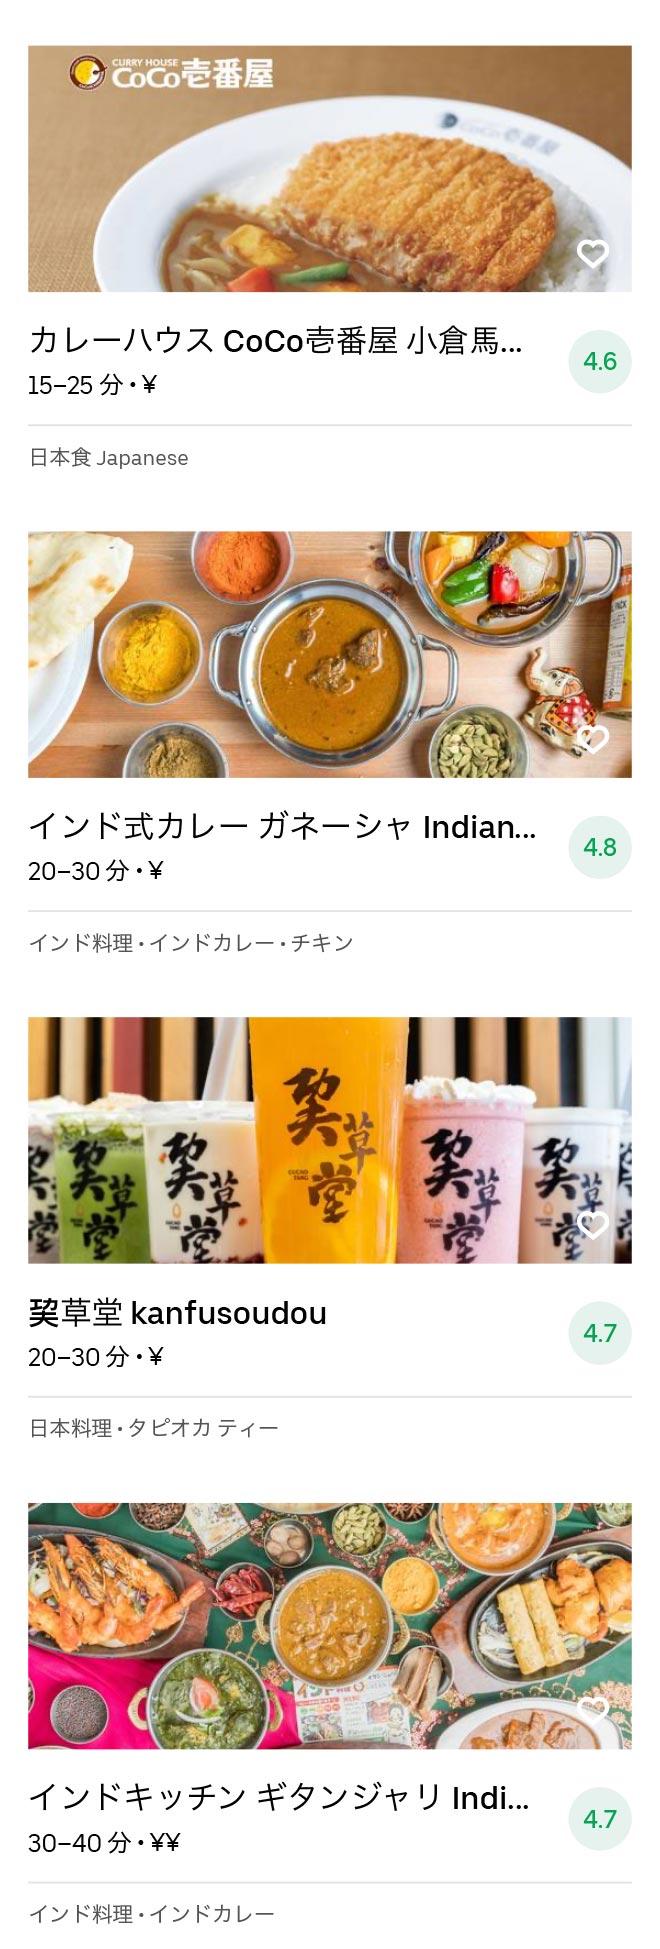 Kokura menu 2008 04